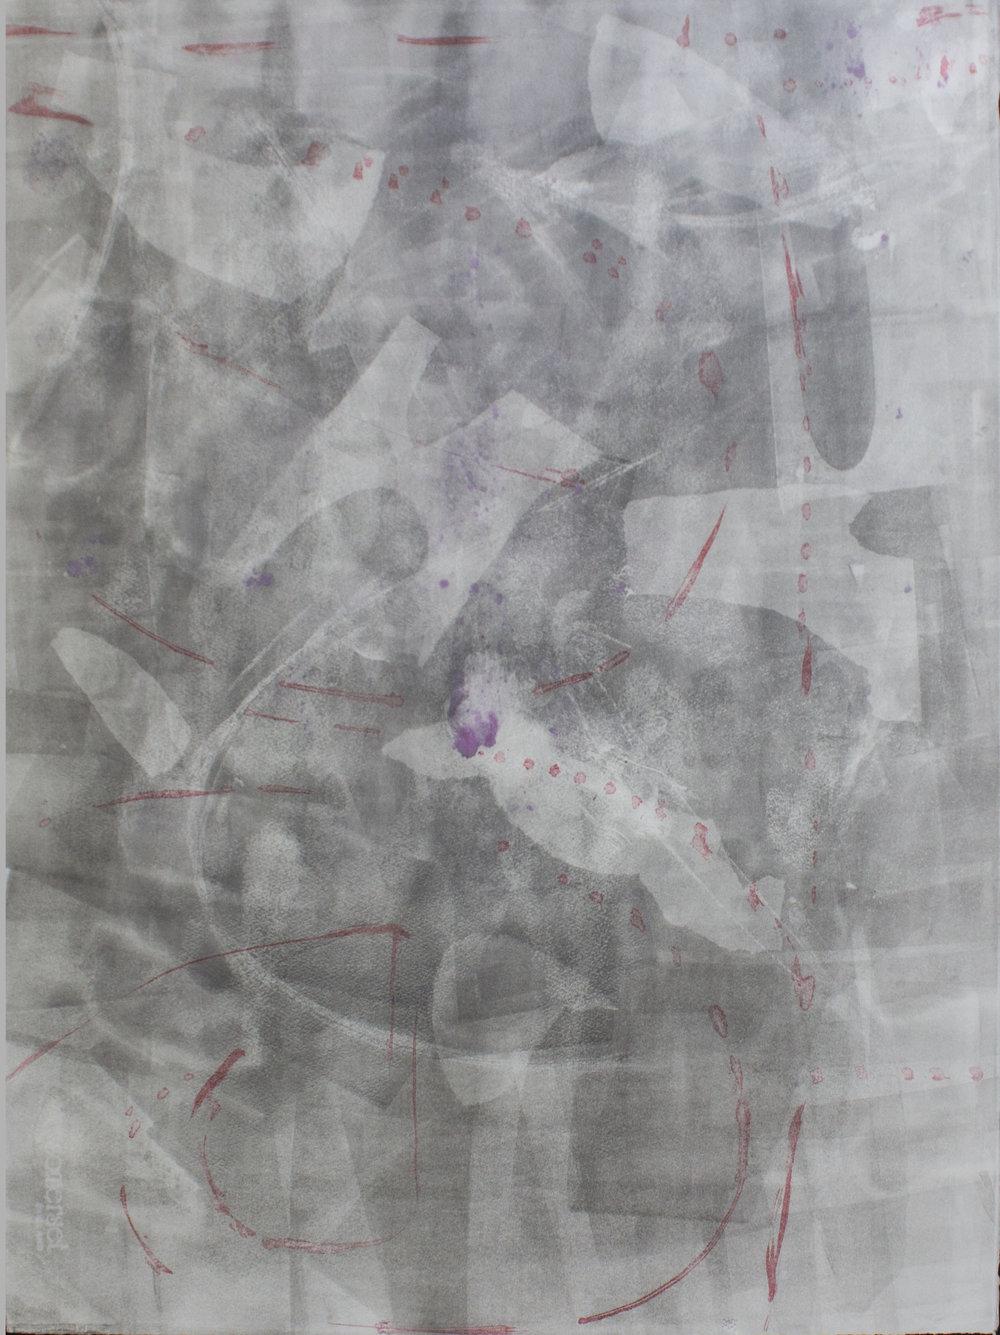 Monotype, 22x30, 2015